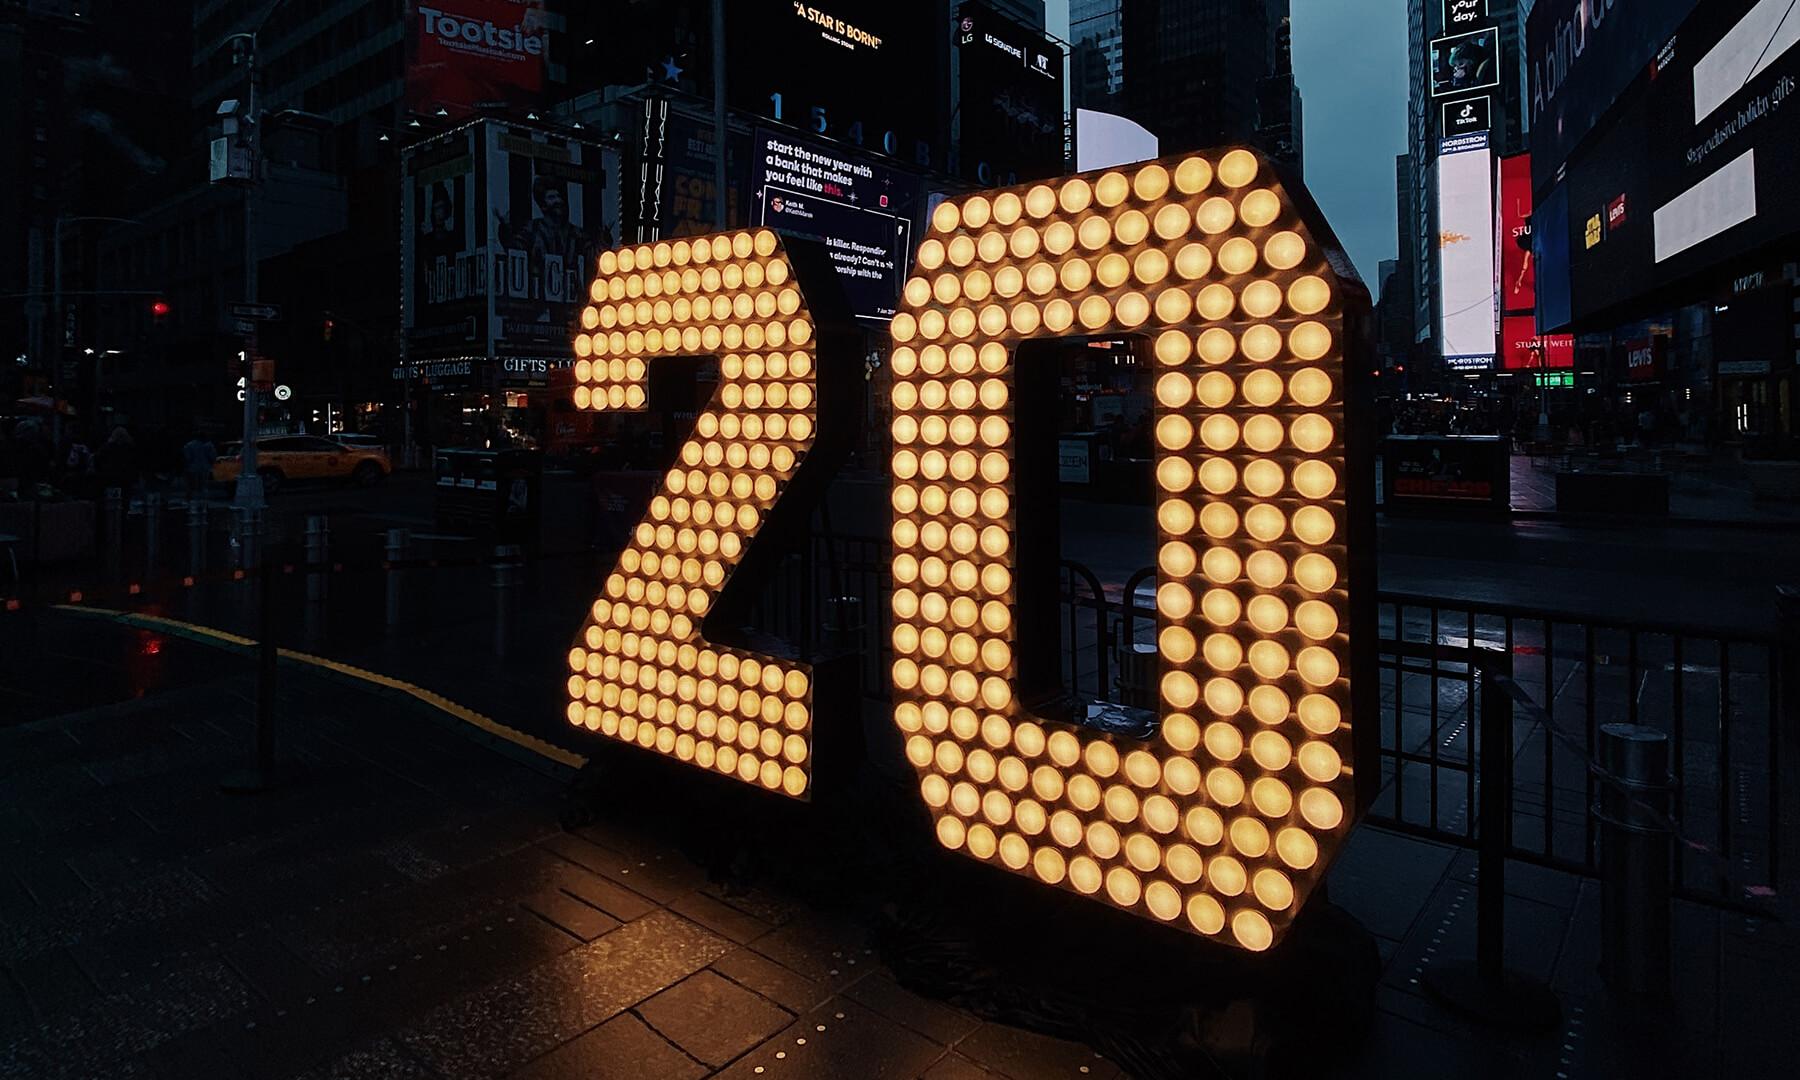 Digitalmarketing: Trends für das Jahr 2020